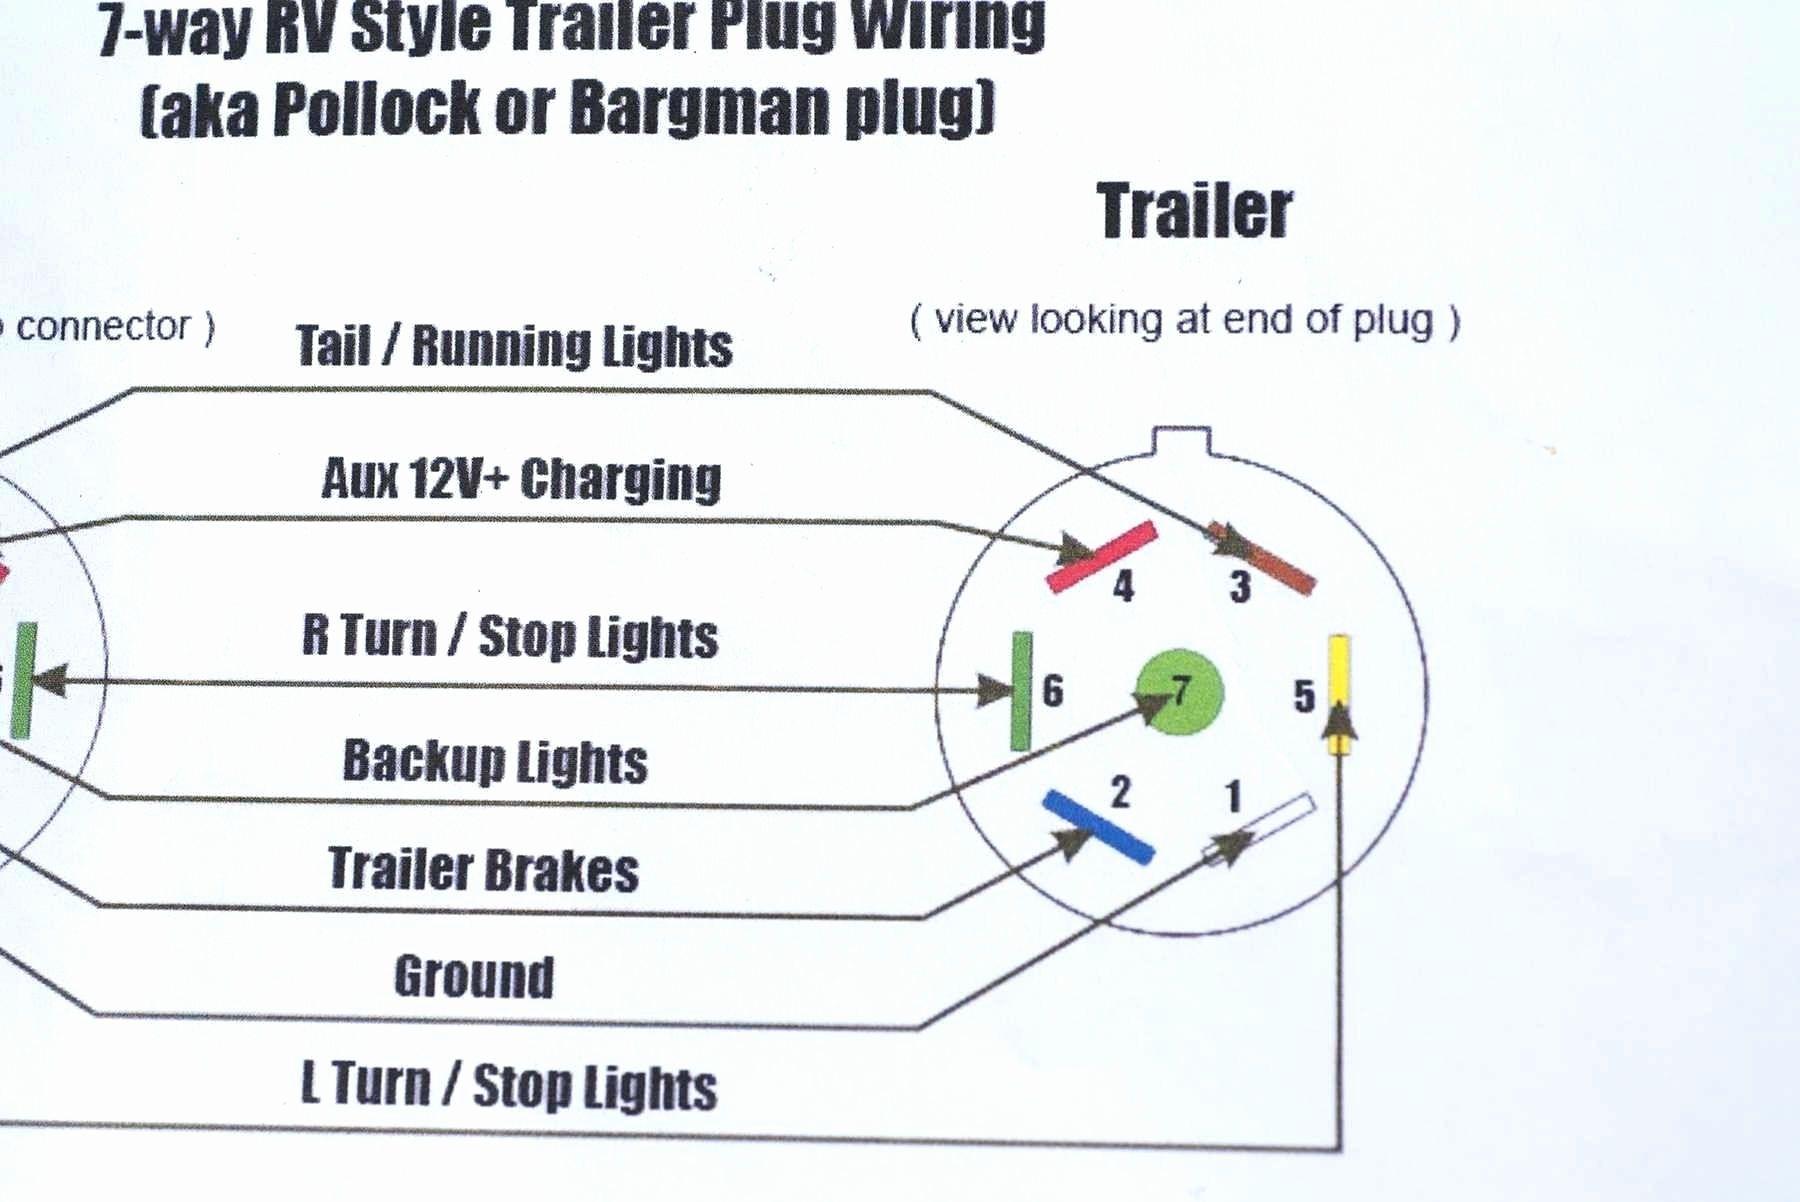 2005 Silverado 2500Hd Trailer Wiring Diagram - All Wiring Diagram - Chevy Silverado Trailer Wiring Diagram